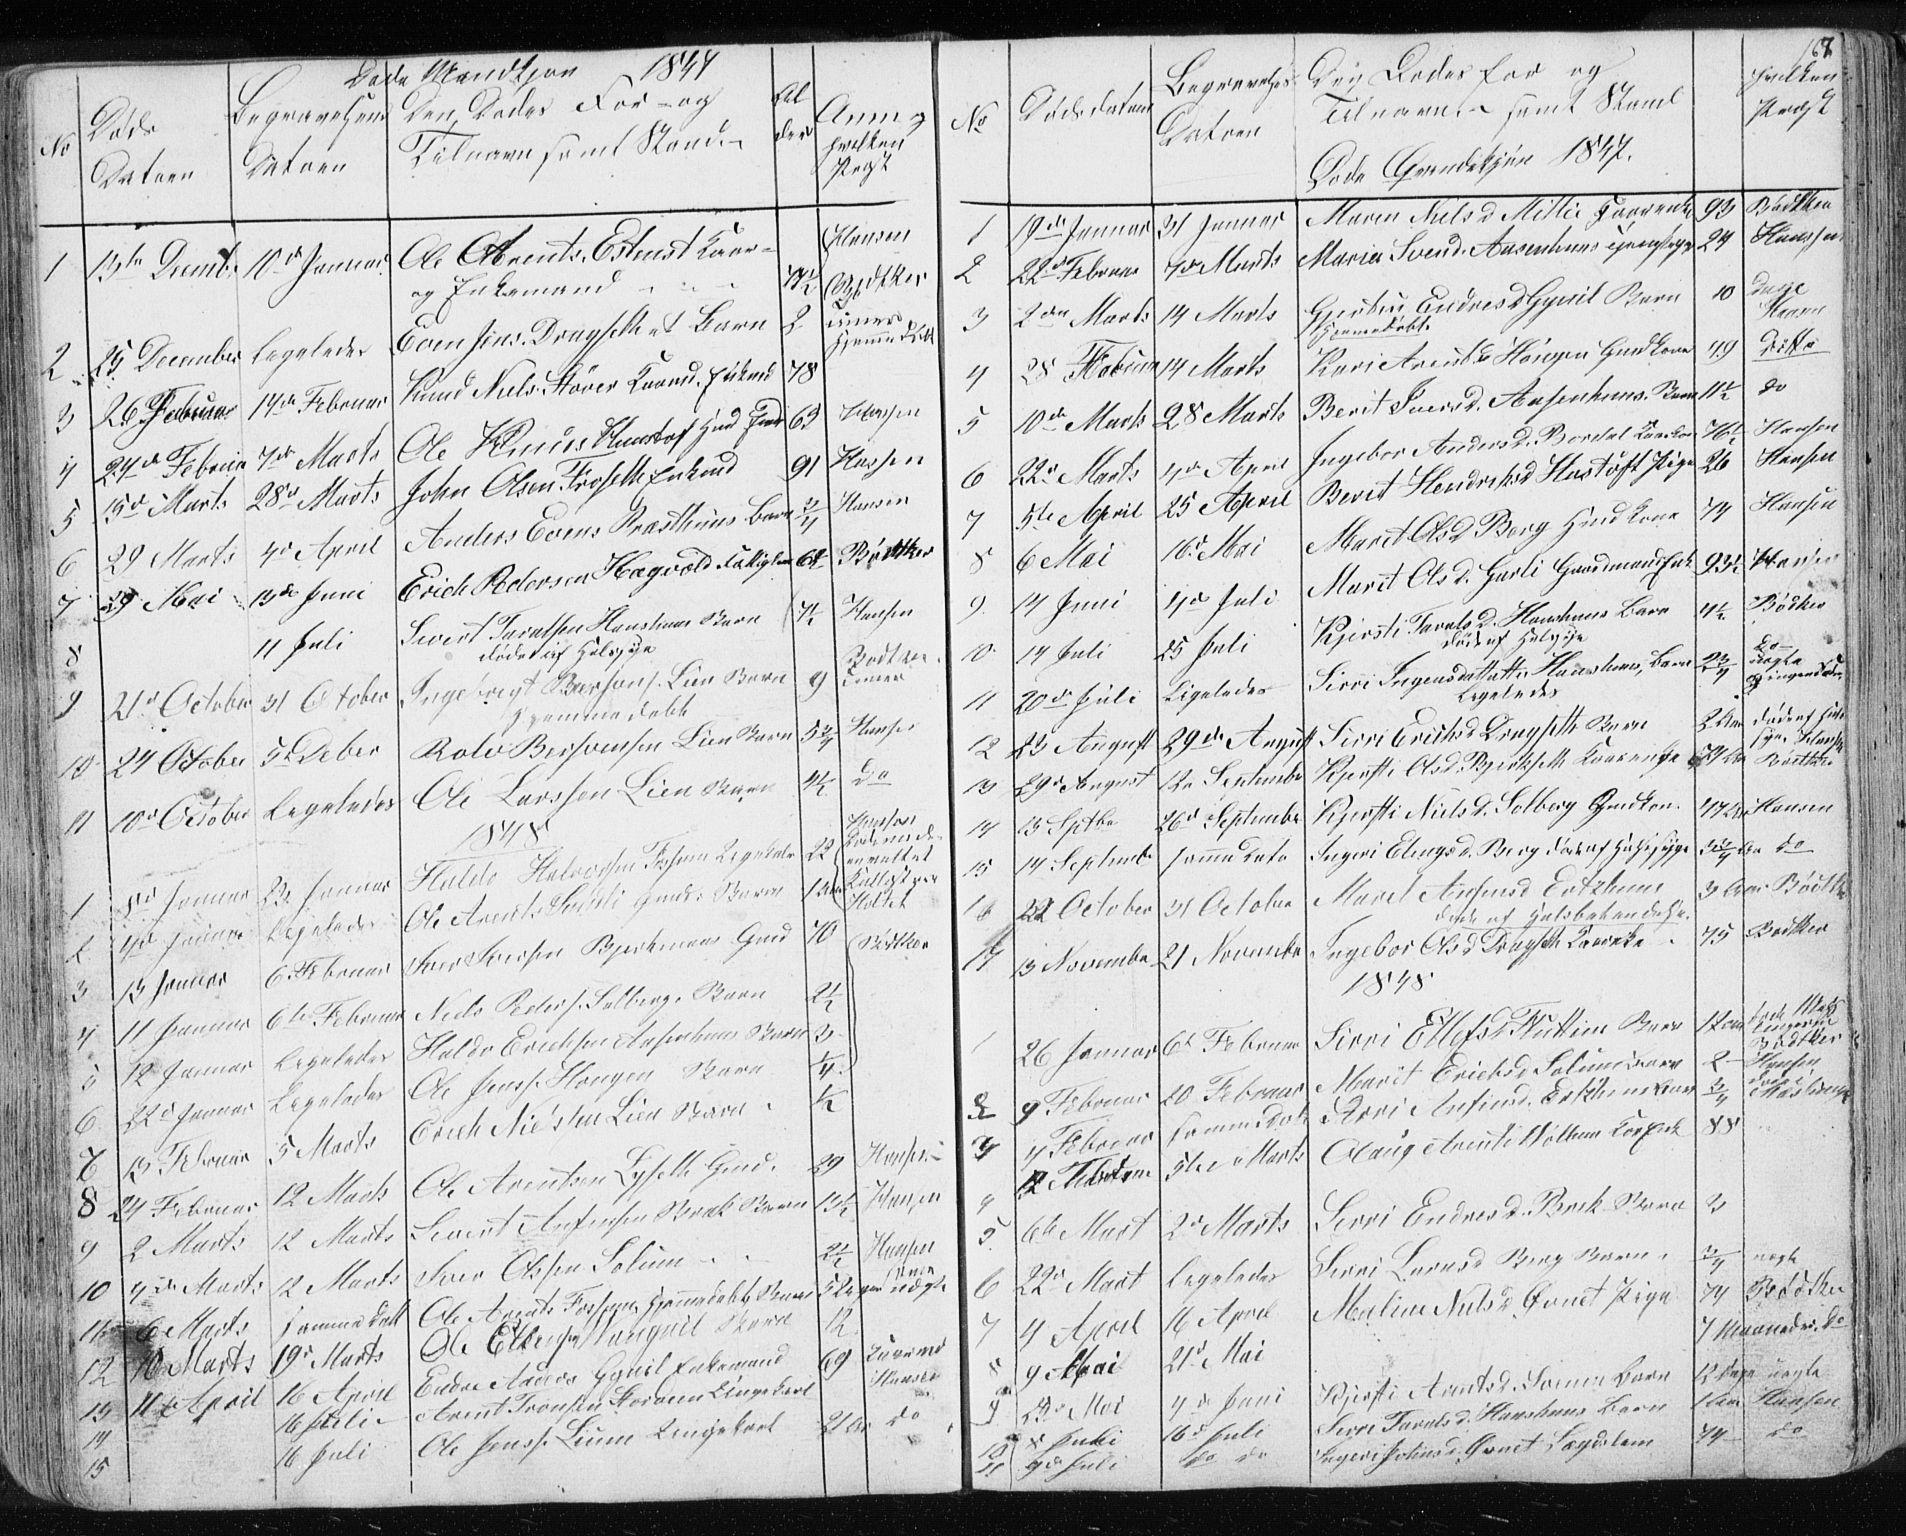 SAT, Ministerialprotokoller, klokkerbøker og fødselsregistre - Sør-Trøndelag, 689/L1043: Klokkerbok nr. 689C02, 1816-1892, s. 167